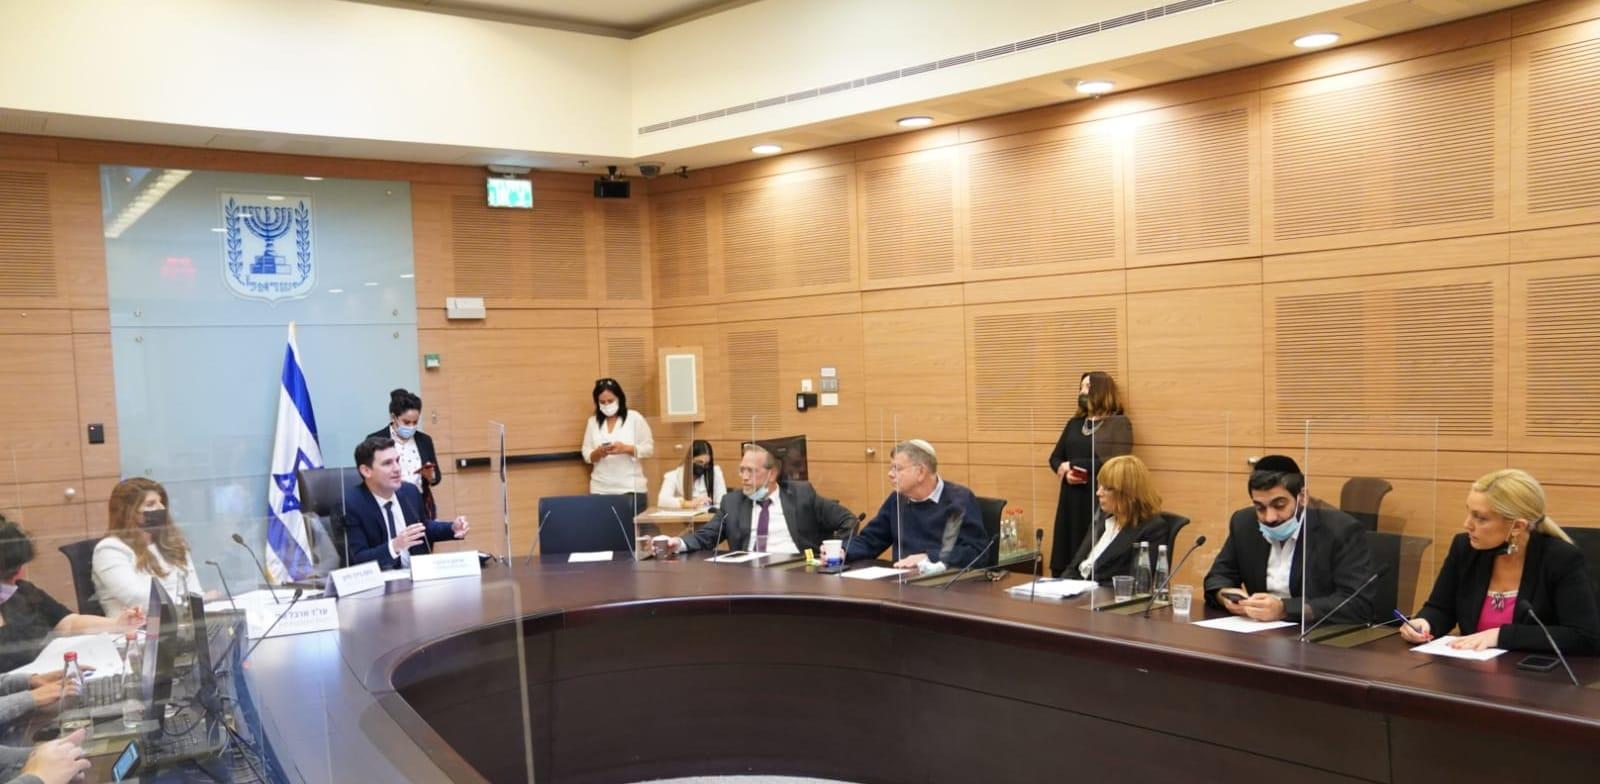 דיון בוועדת הכנסת על הצעת חוק למיסוי רווחים ממשאבי טבע / צילום: דני שם טוב, דוברות הכנסת